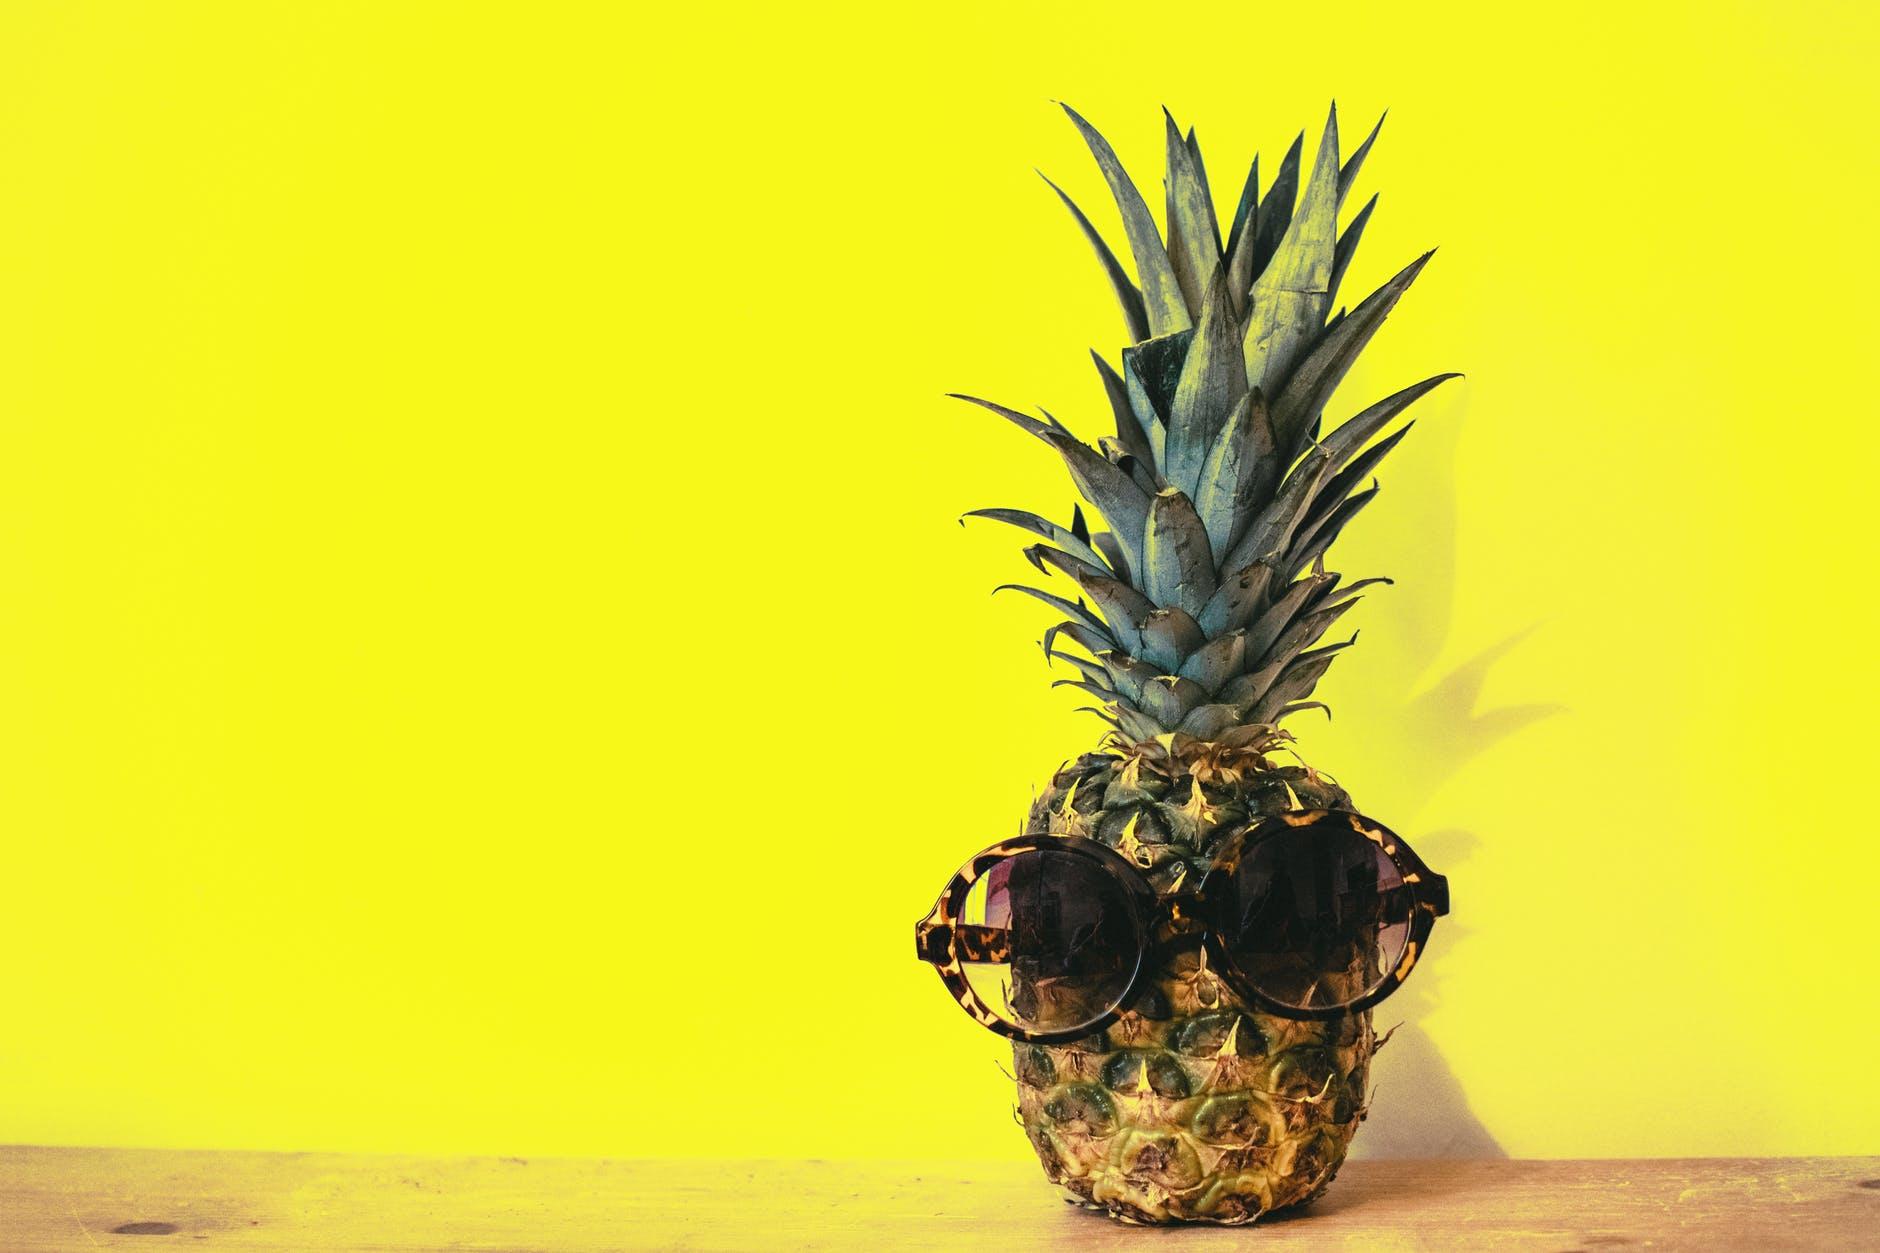 ಅನಾನಸ್ ಹಣ್ಣು – Pineapple Benefits